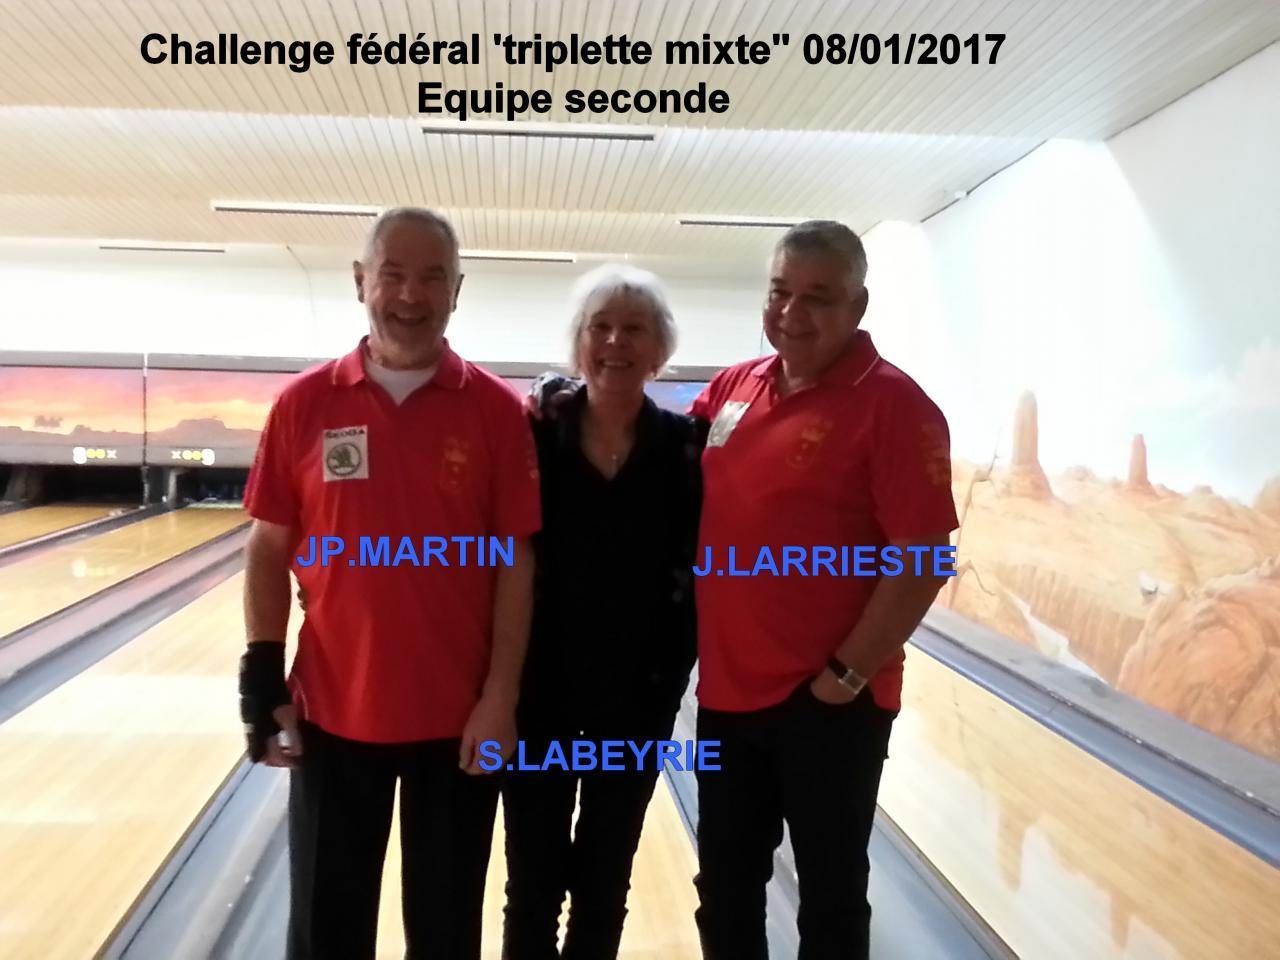 Challenge fédéral triplette mixte